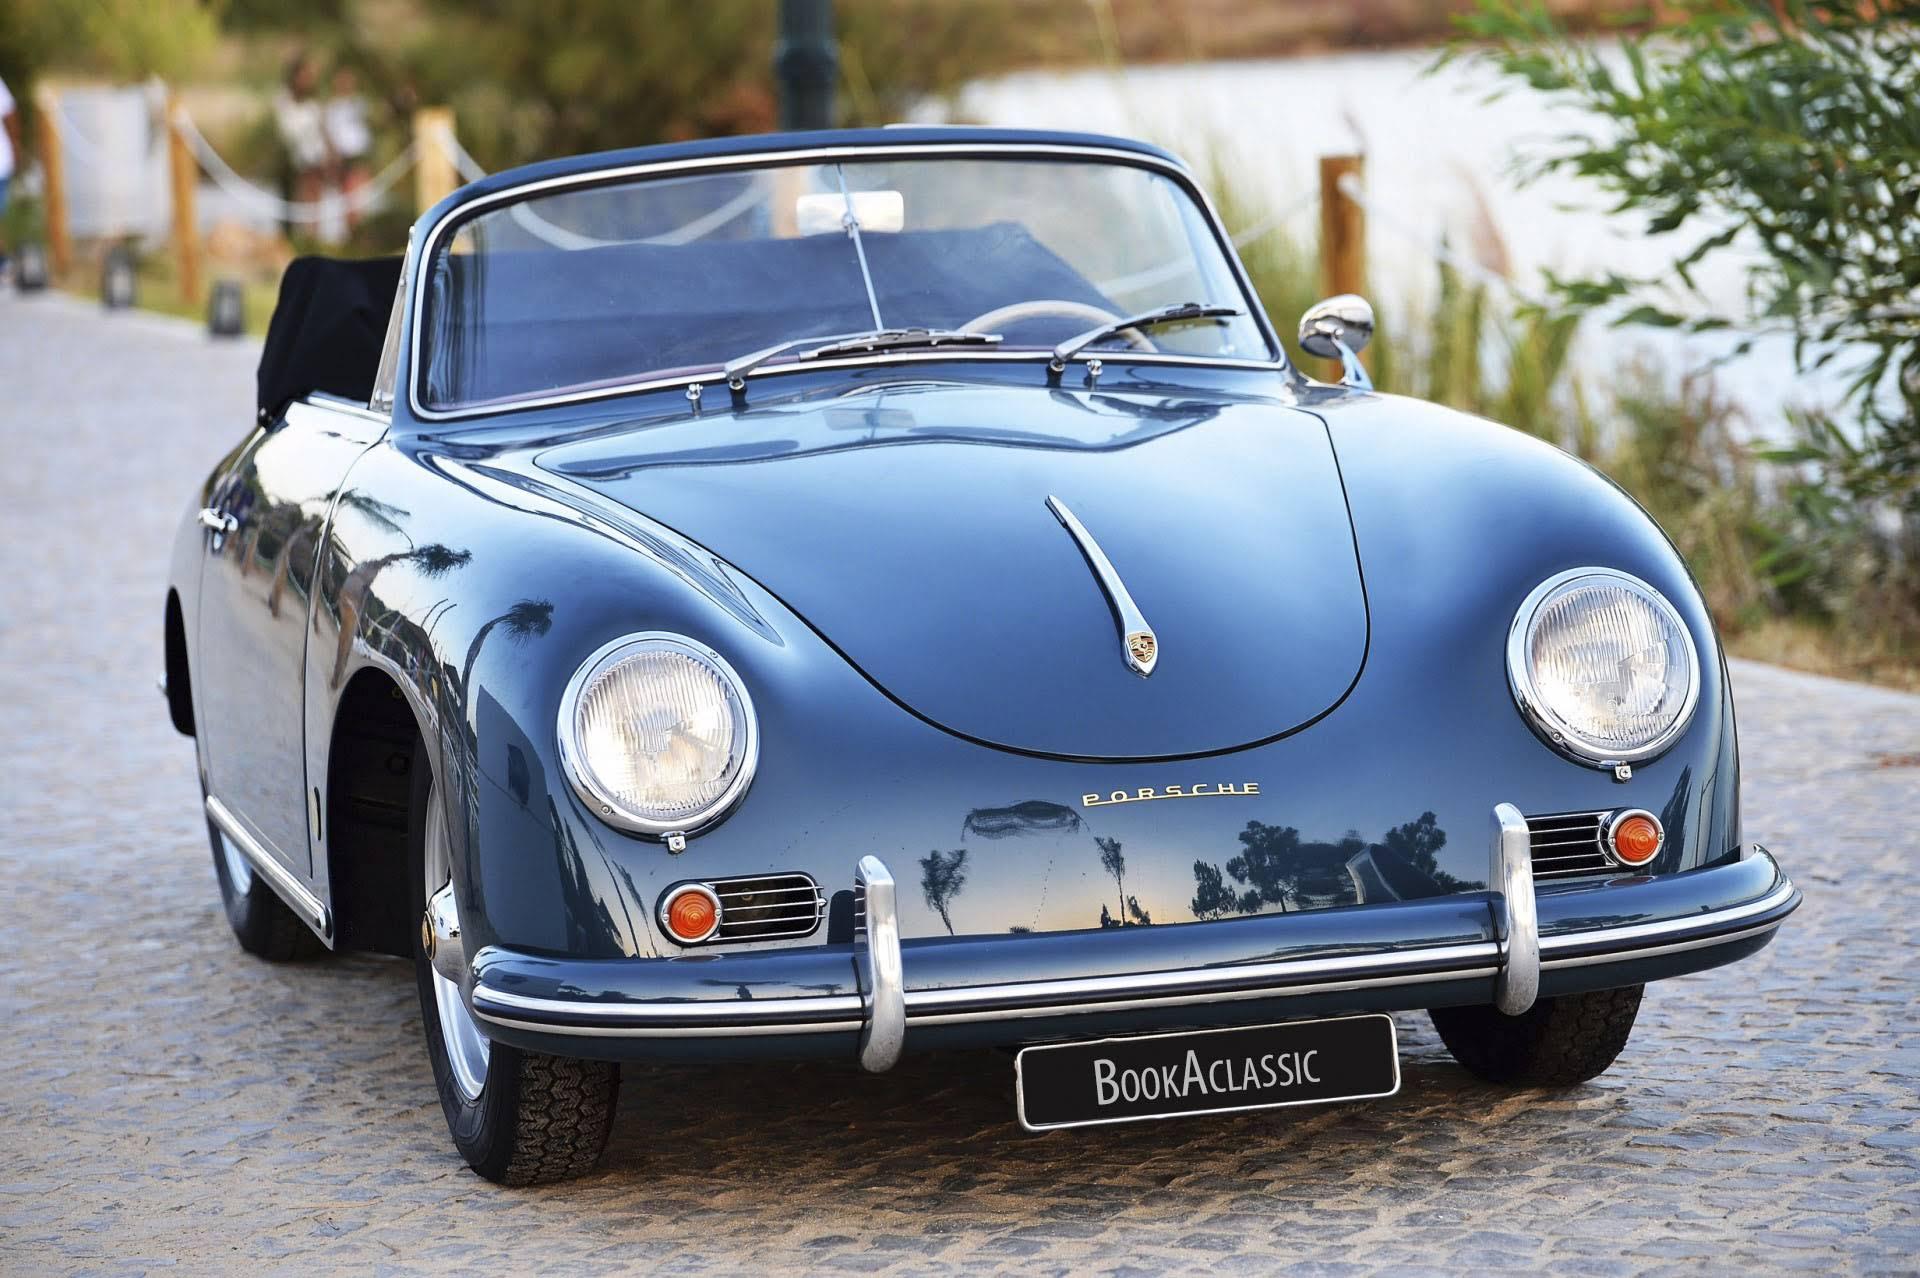 Porsche 356 a cabriolet bookaclassic for Porsche ka che